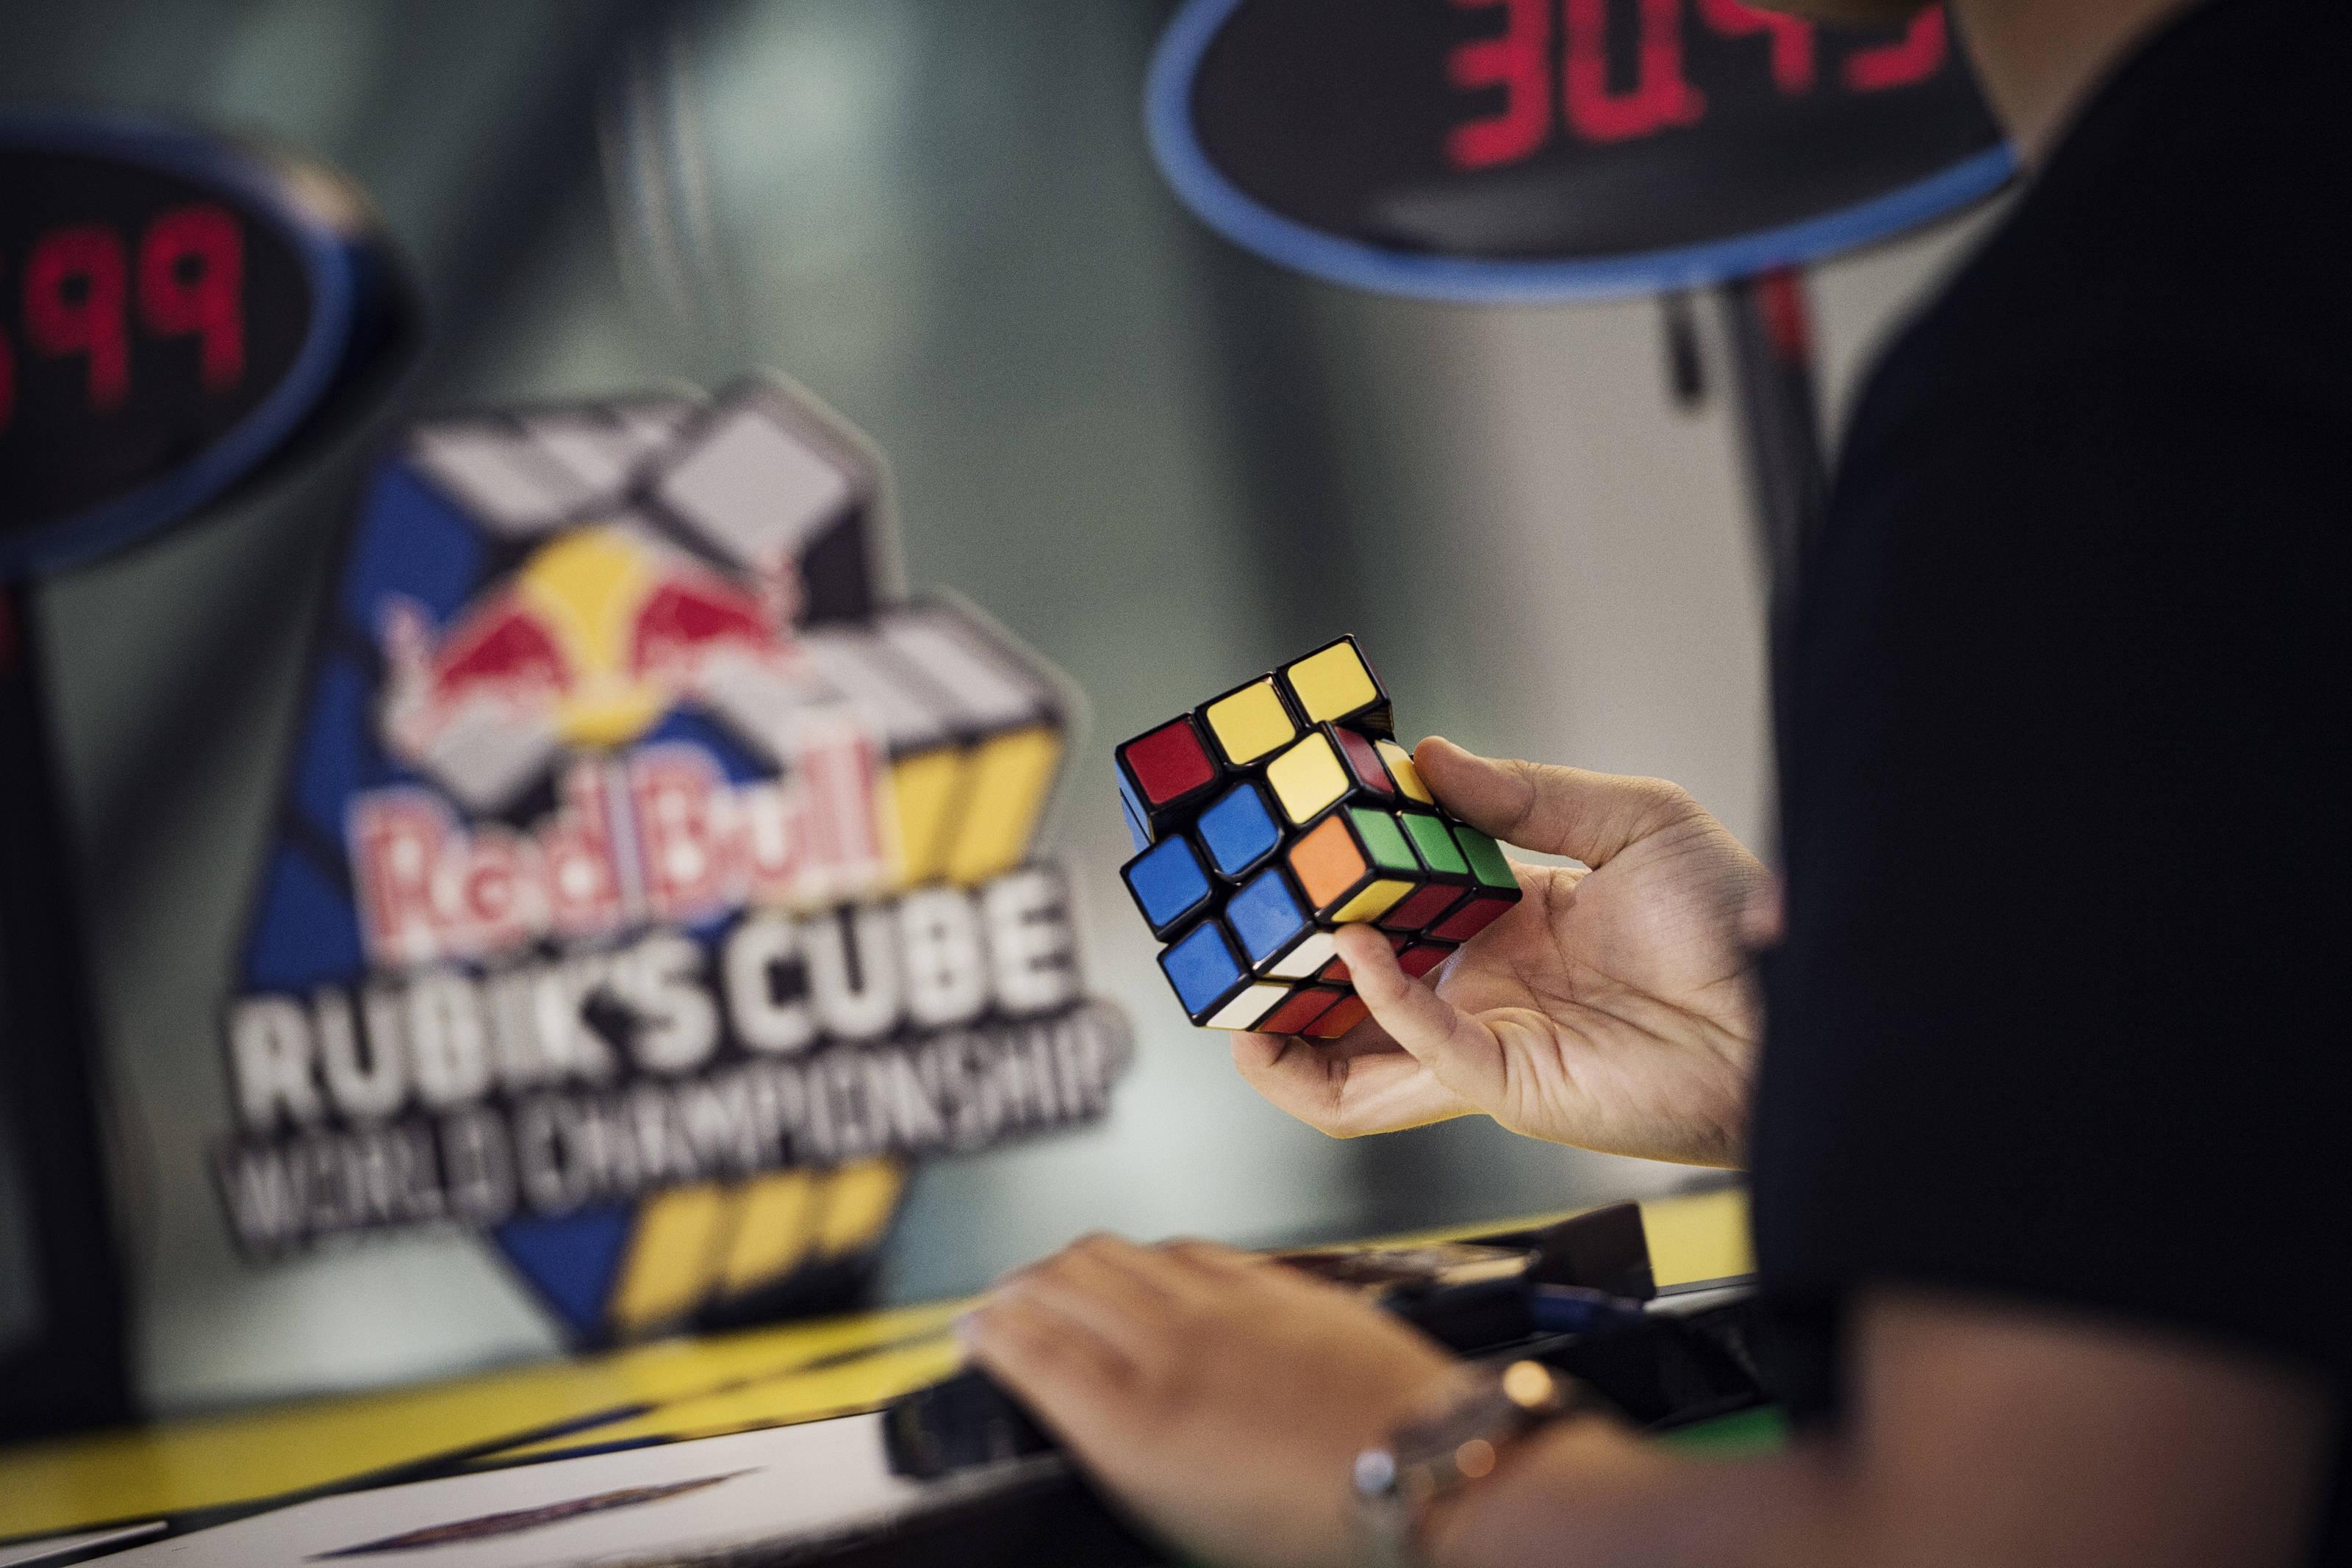 Il primo Red Bull Rubik's Cube World Championship si terrà a Boston il 22 settembre